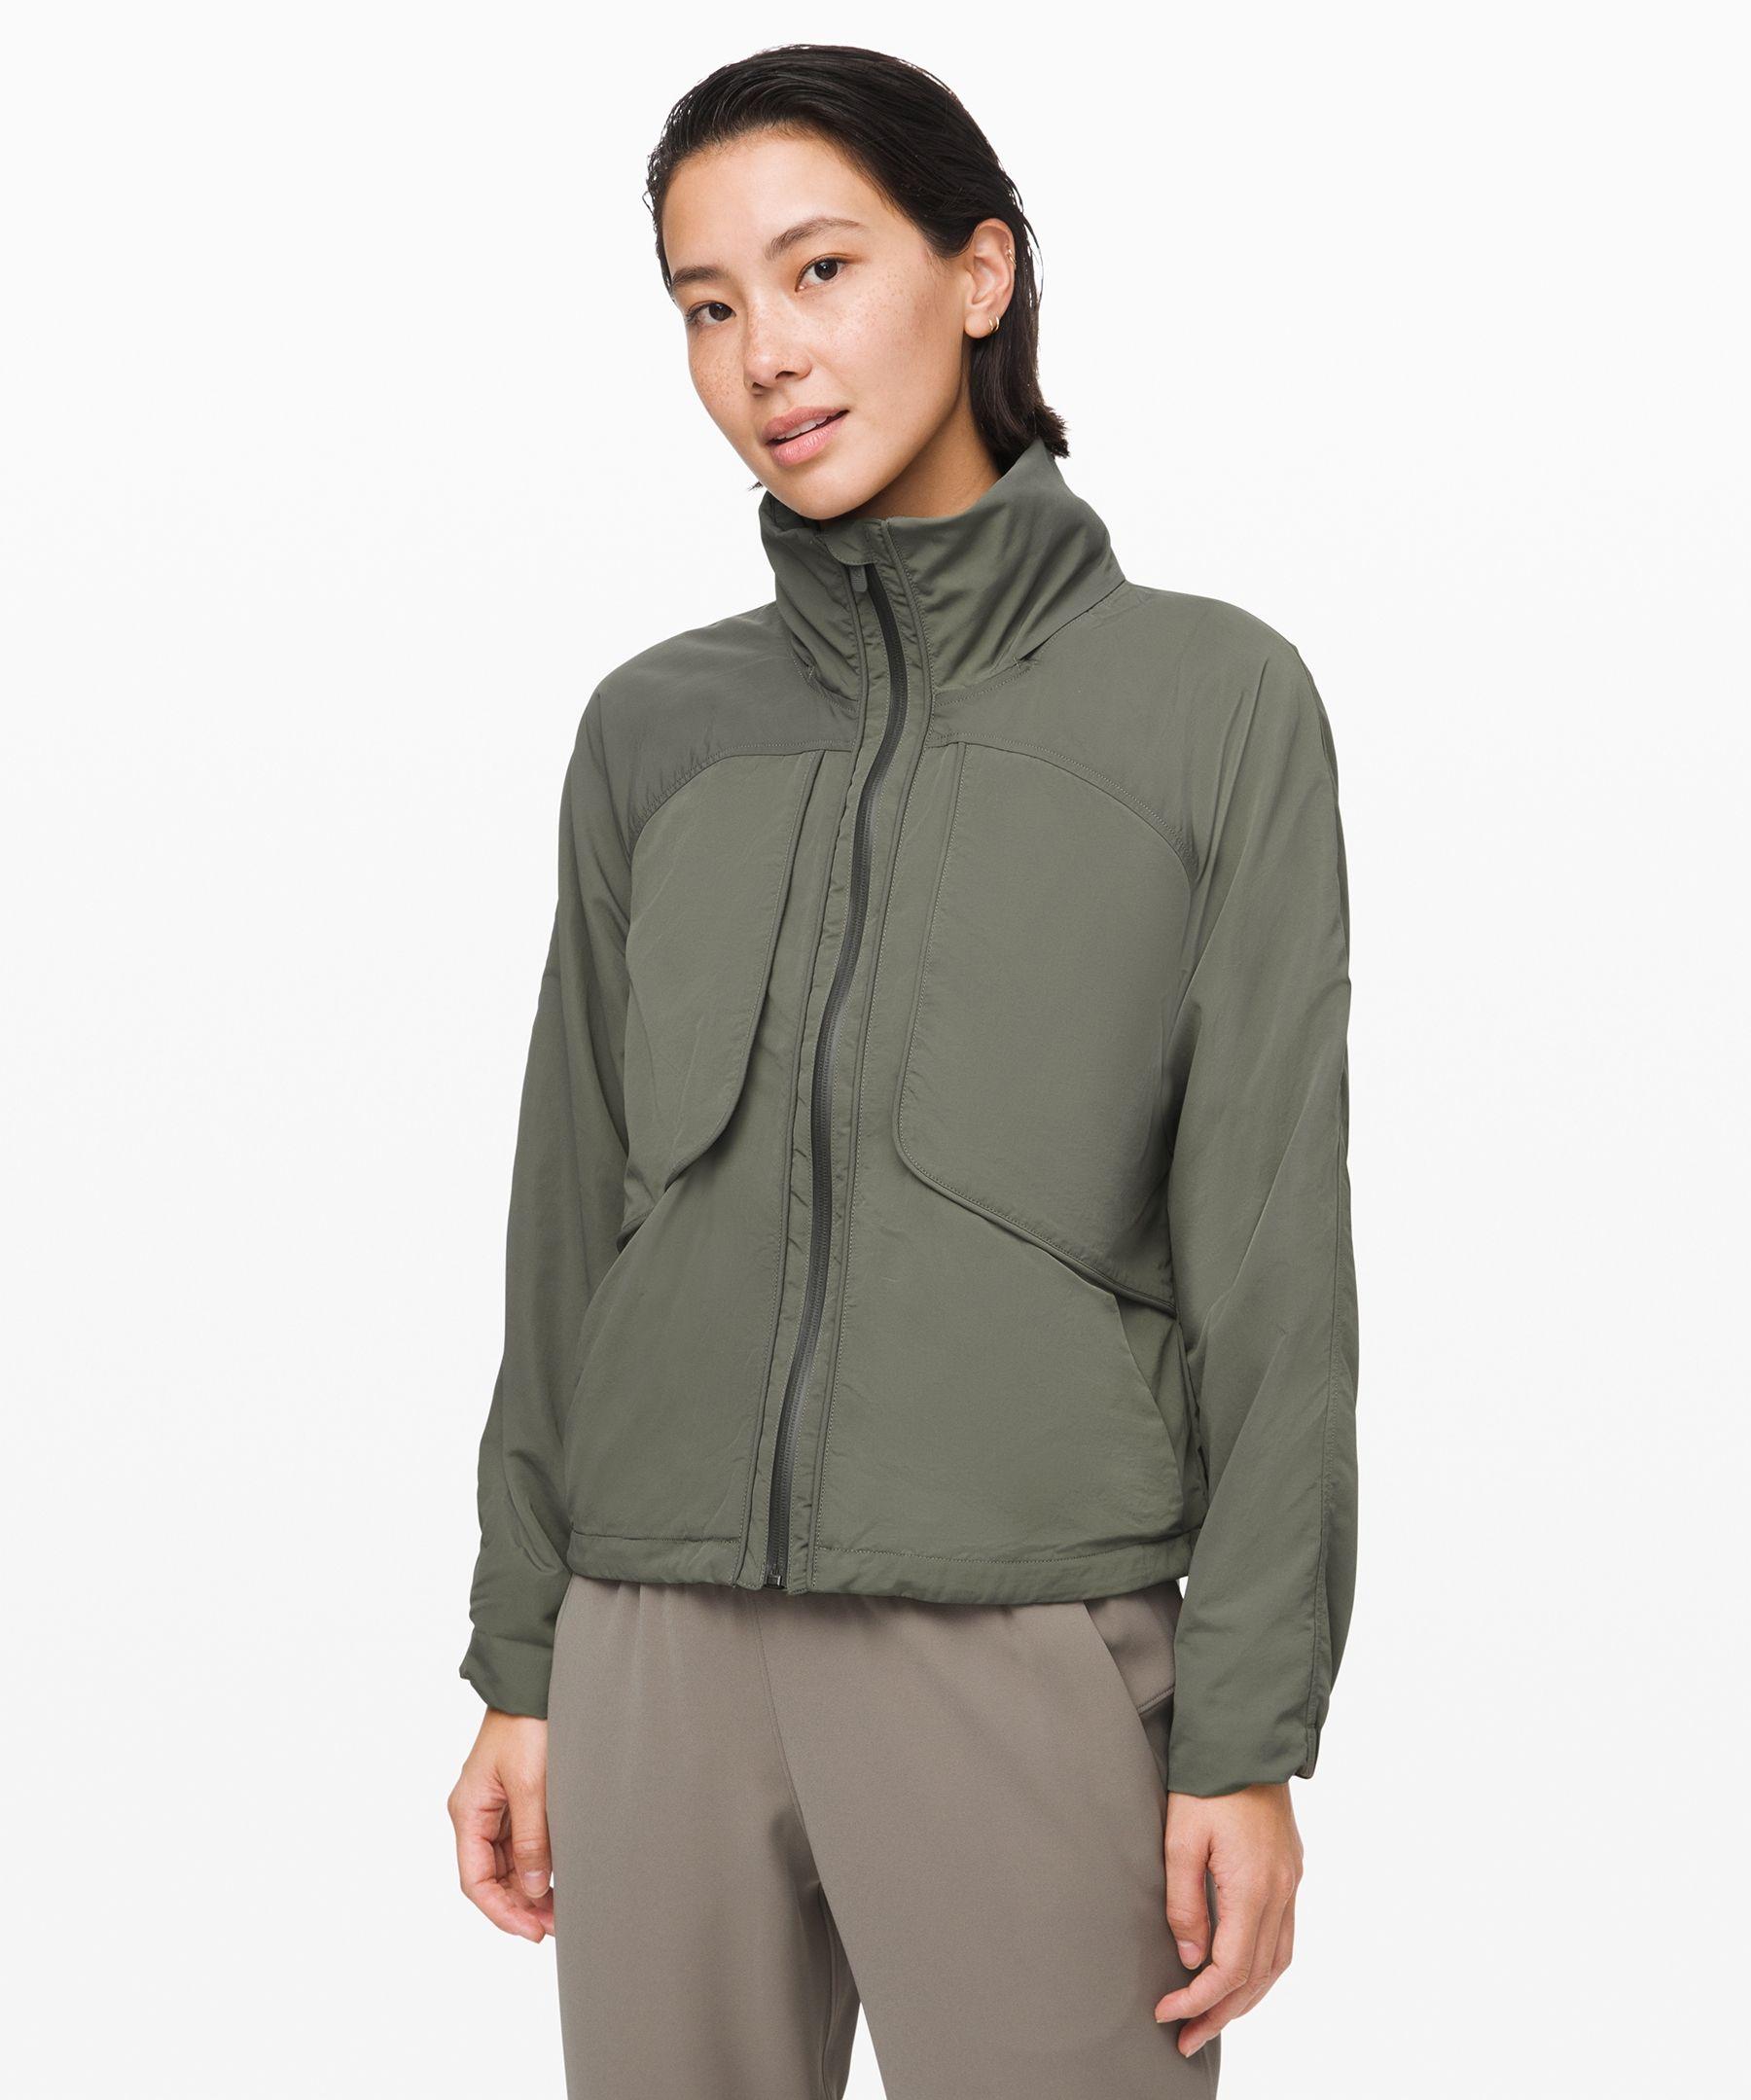 Lululemon Women S Always Effortless Jacket Grey Sage Size 0 Coats Jackets Women Jackets For Women Jackets [ 2159 x 1800 Pixel ]